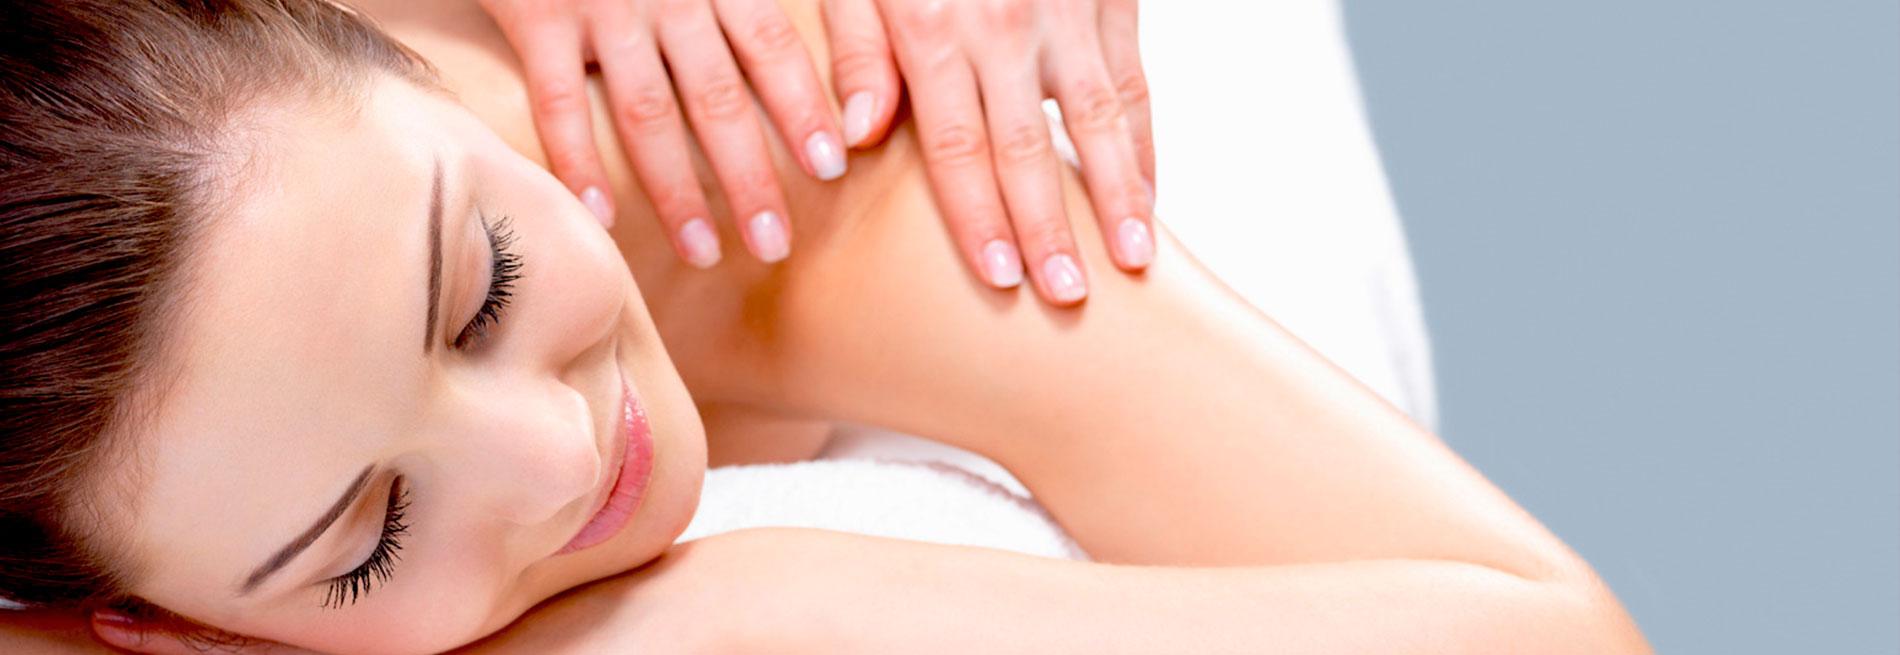 massagen-saunabereich